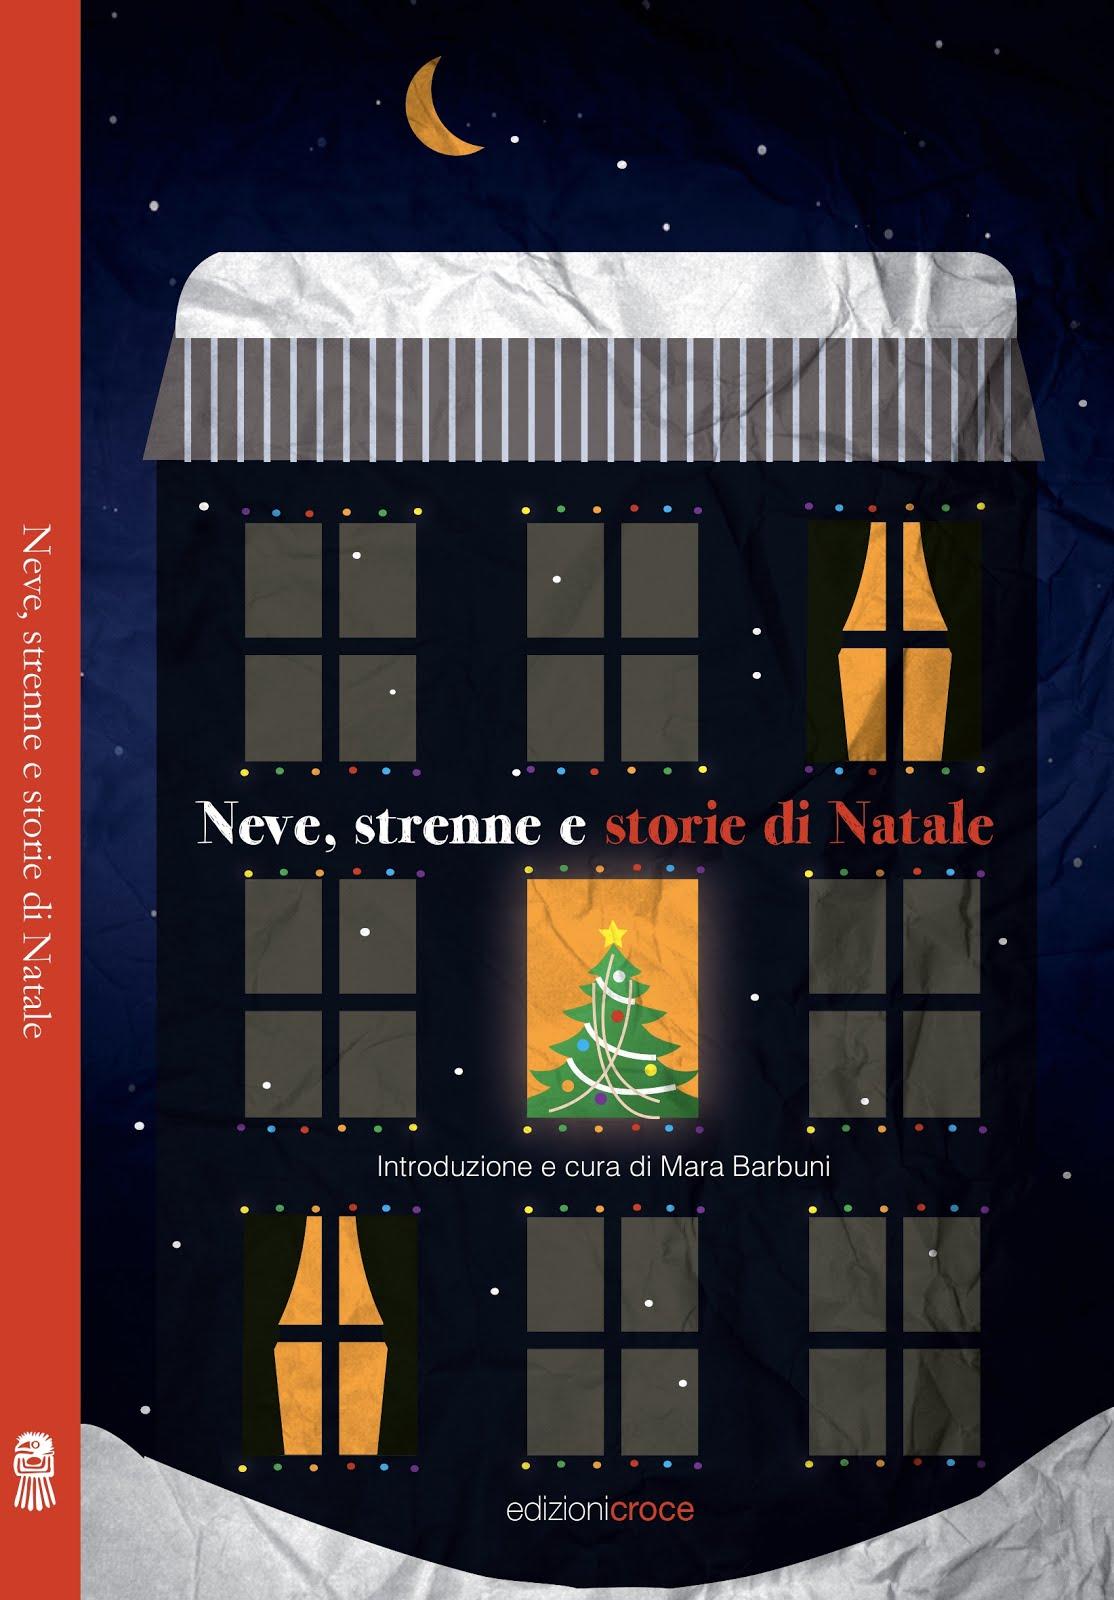 Neve, strenne e storie di Natale